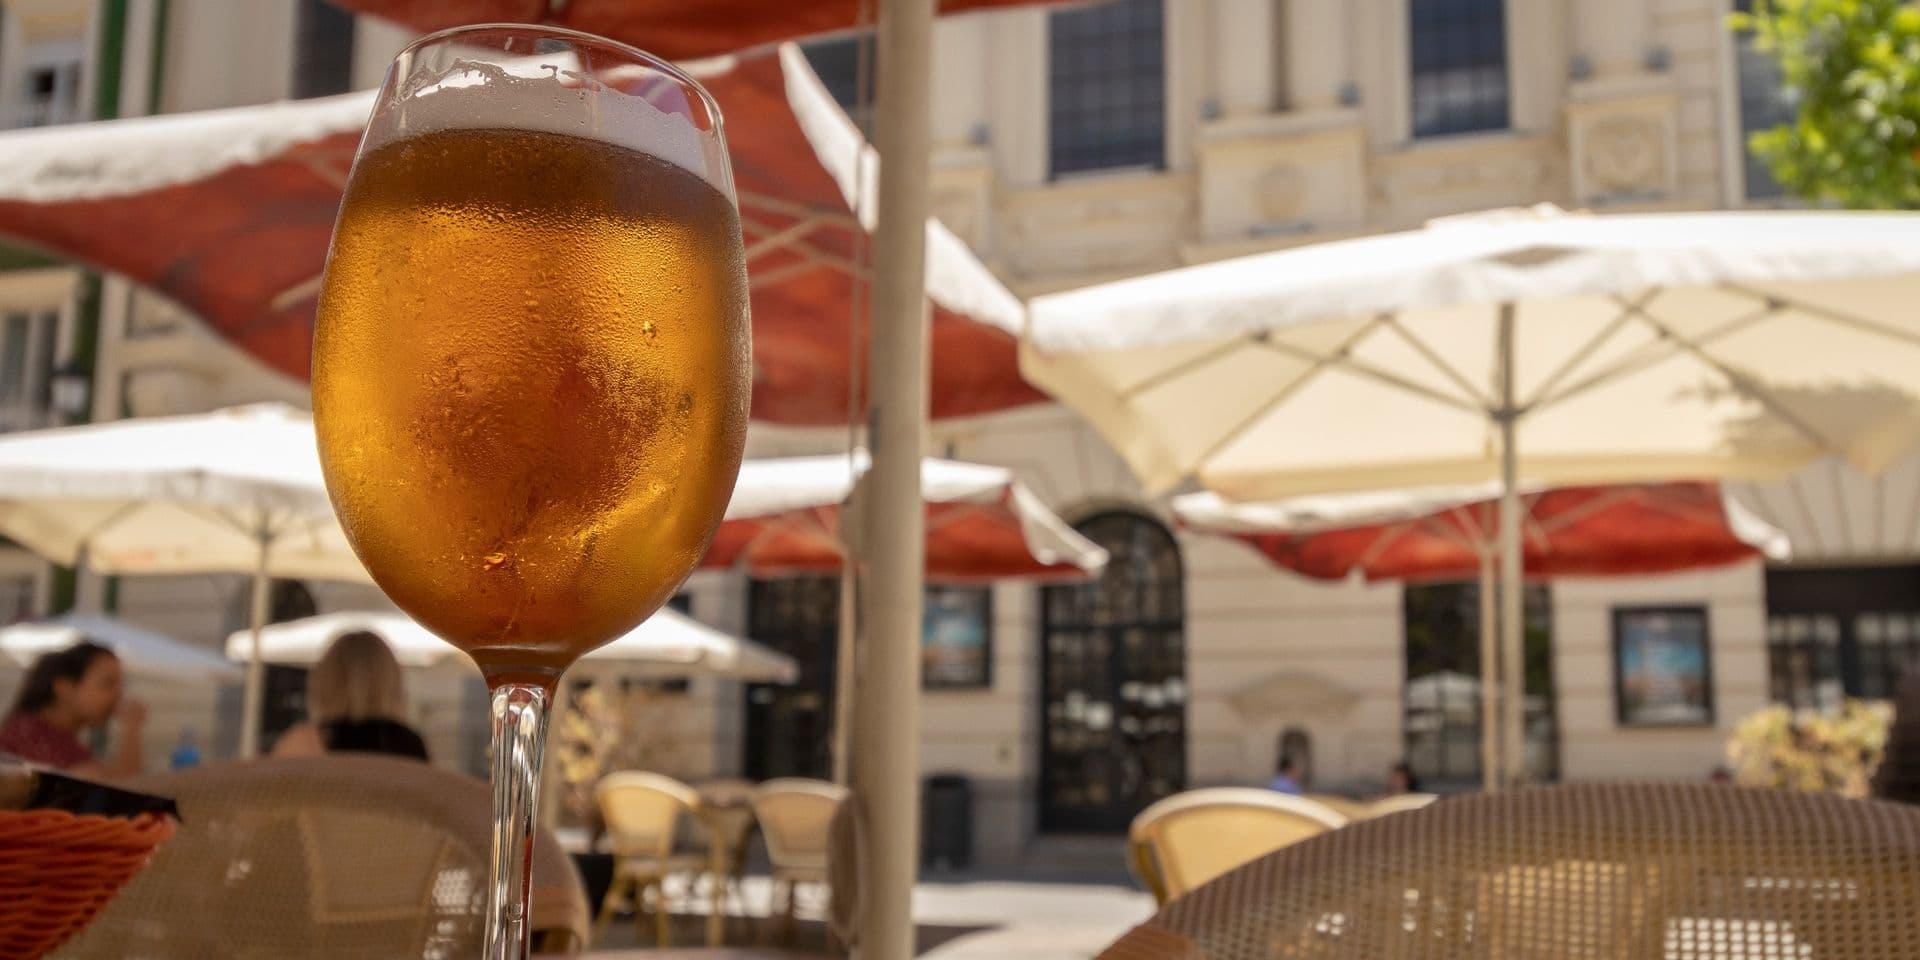 """Réouverture des terrasses: le prix des boissons pourrait être plus cher mais """"sans abus ou malentendu"""""""